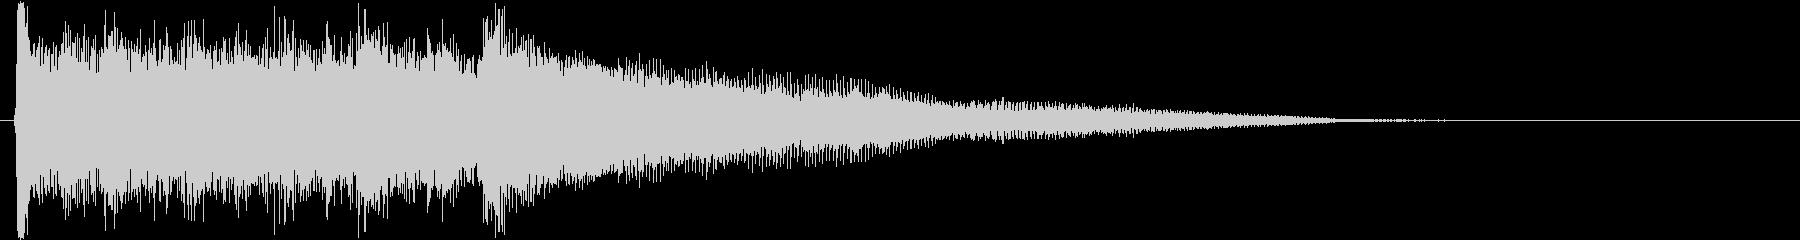 ブルースロックロールギター!の未再生の波形